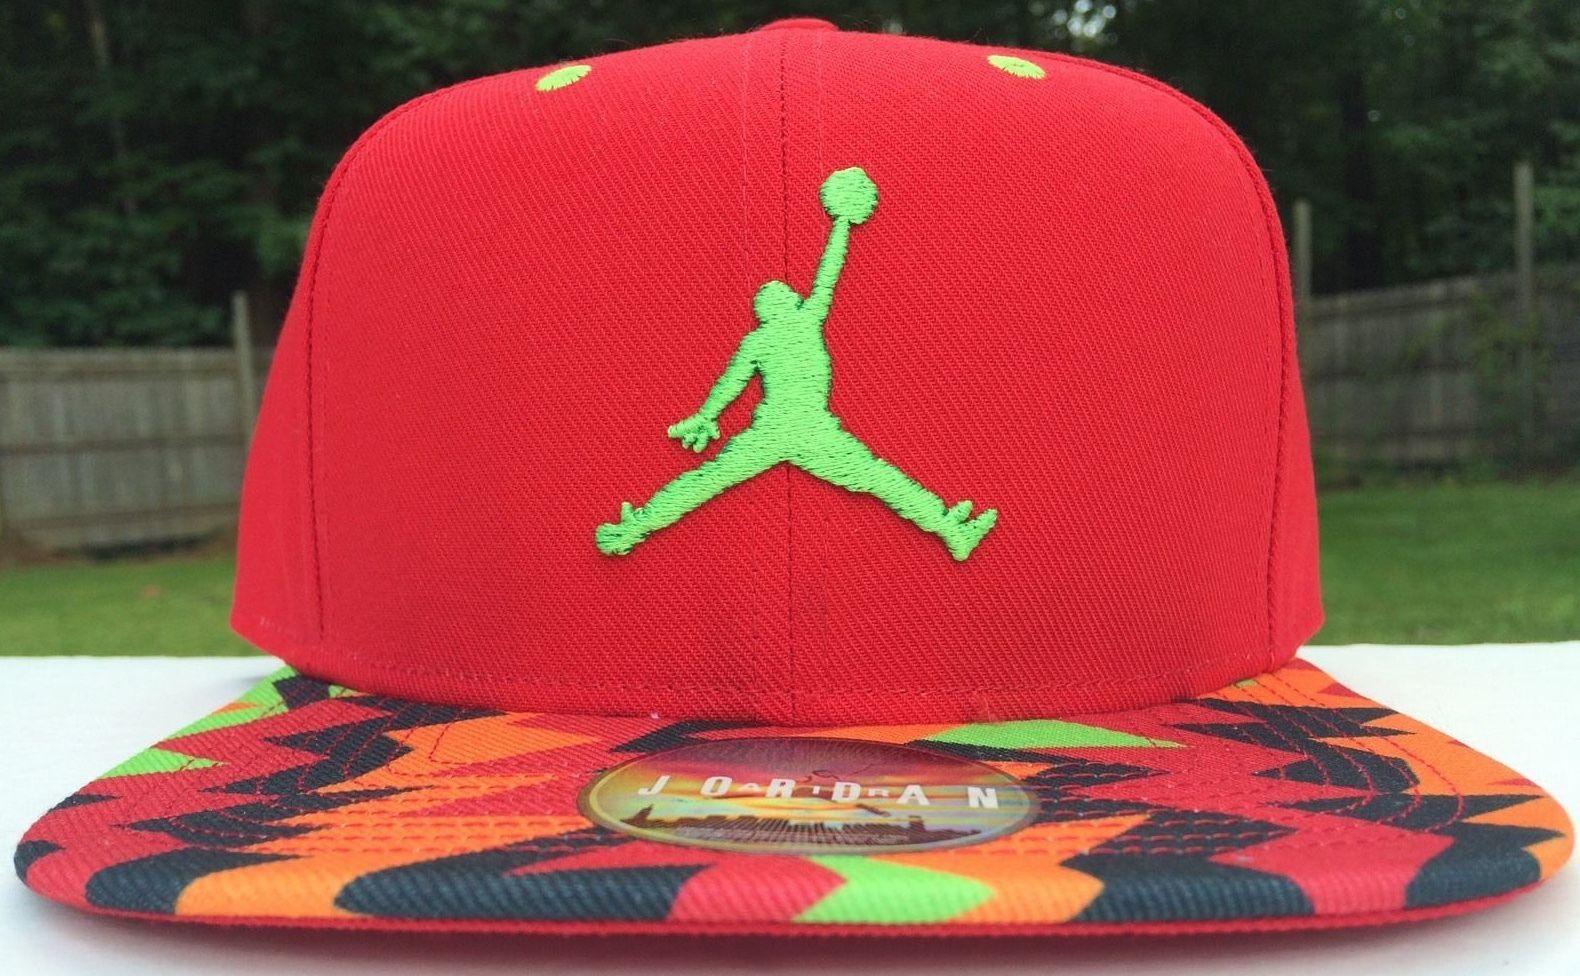 Air Jordan 1 Lièvre Chapeaux Mens déstockage de dédouanement Footaction à vendre 7CsN2F